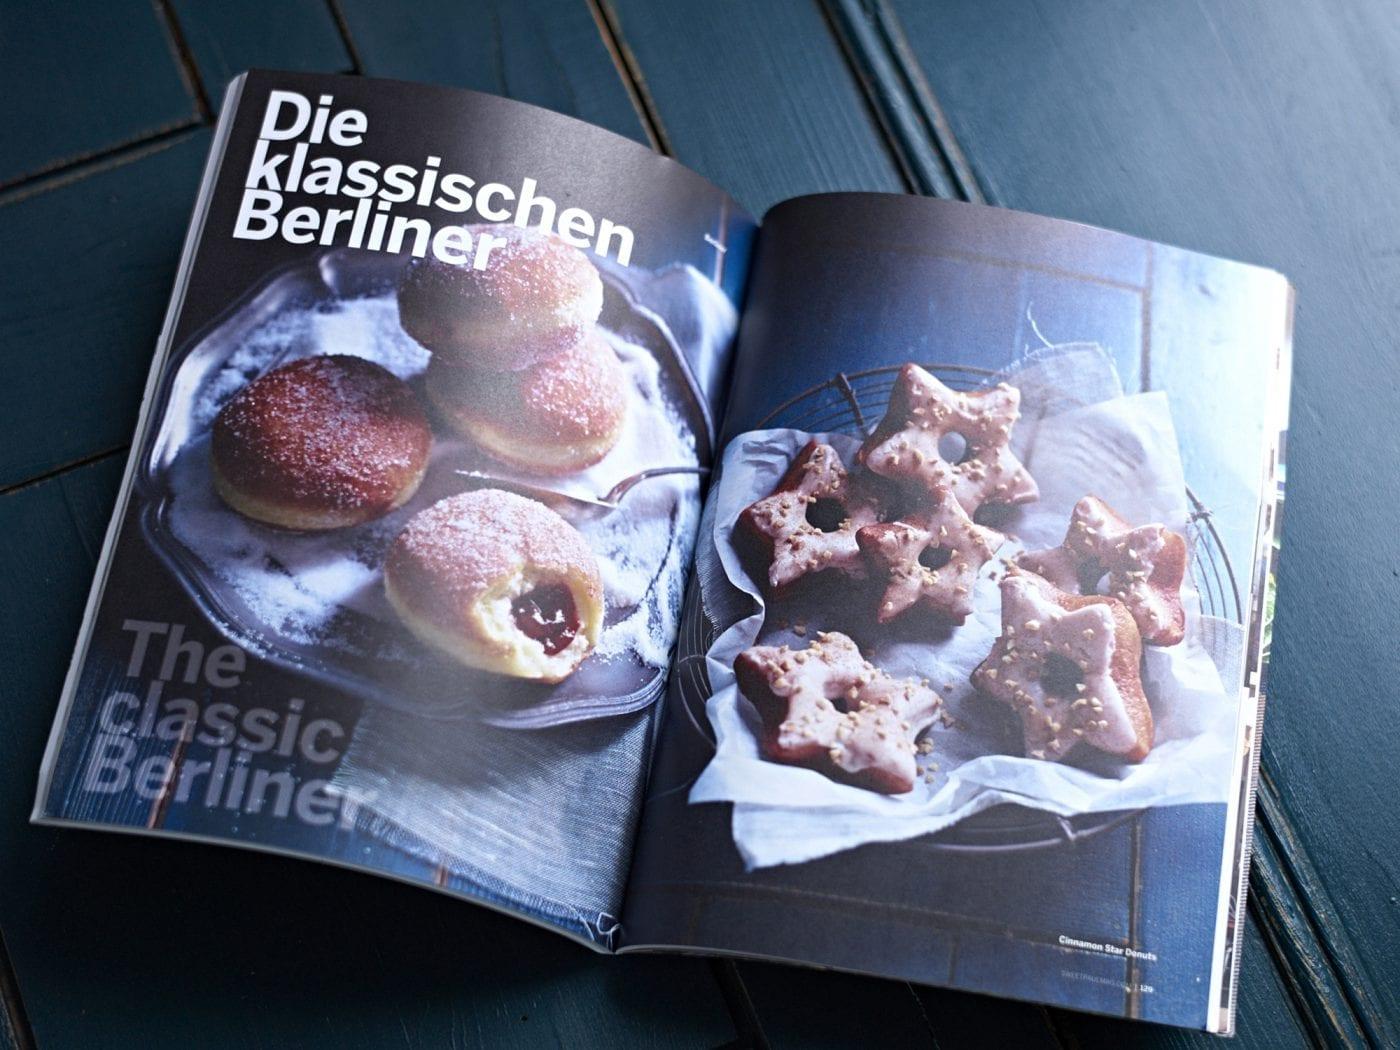 Sweet Paul Magazine Spring 2015 – Innenseite Die klassischen Berliner